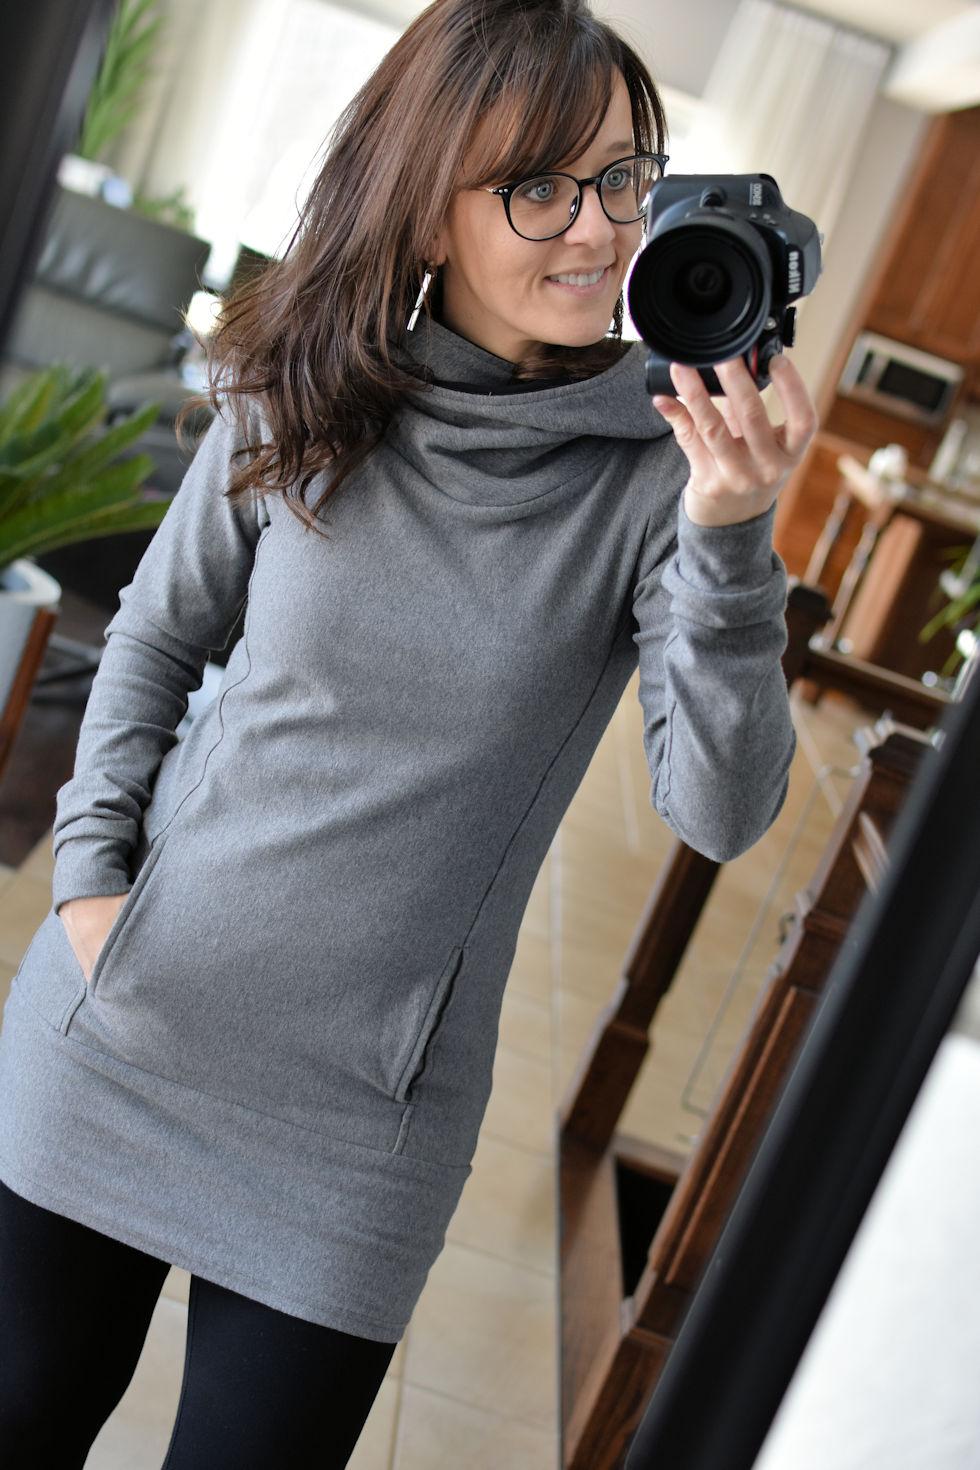 Hoodie gris chiné semi-ajusté à capuchon avec poches au devant. Création Québécoise signée Collection Space